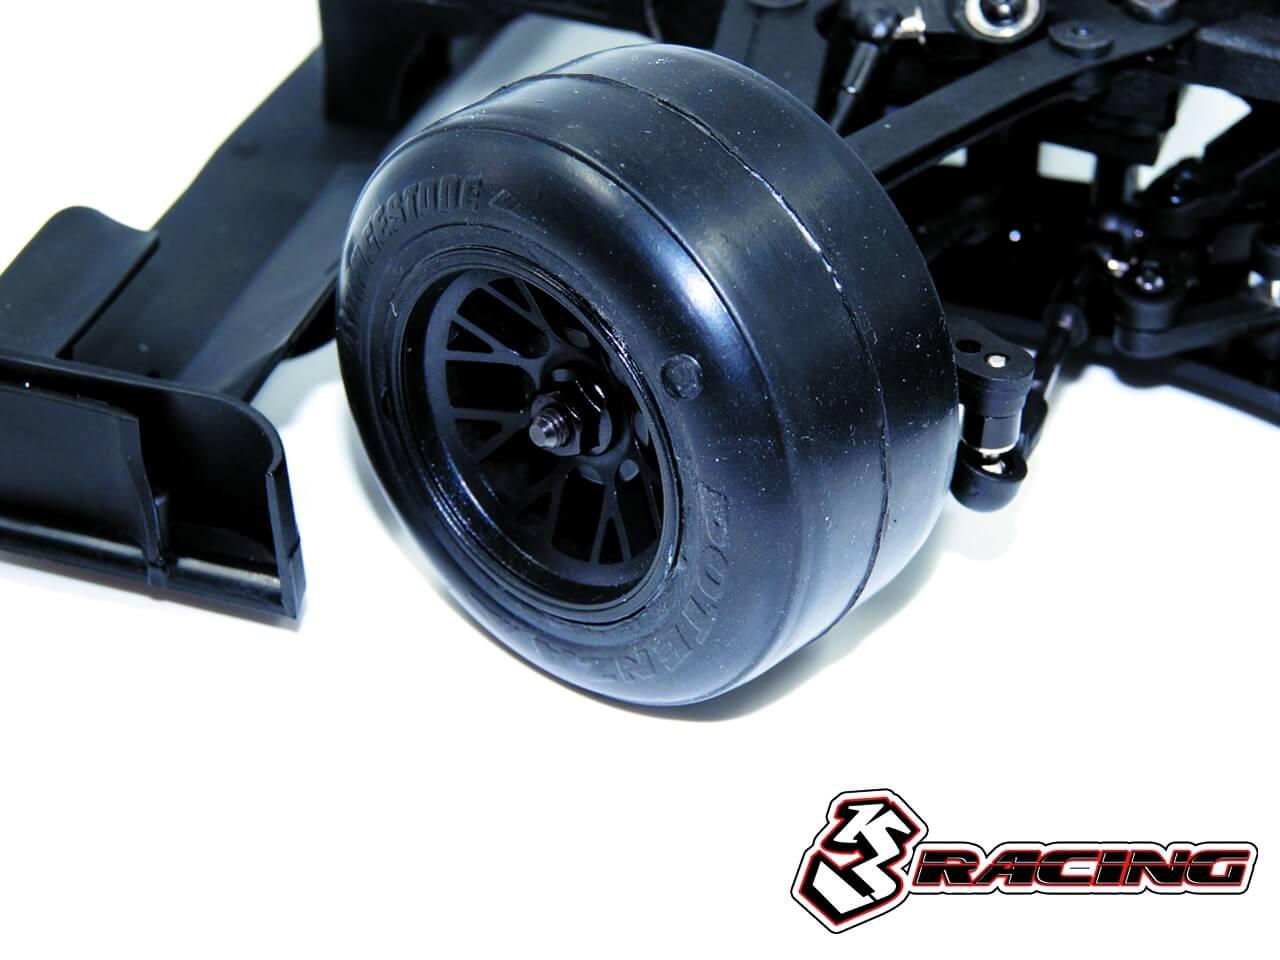 3レーシング Sakura FGX2018 1/10スケール・フォーミュラワンEPカー(CL) クリアボディー付き